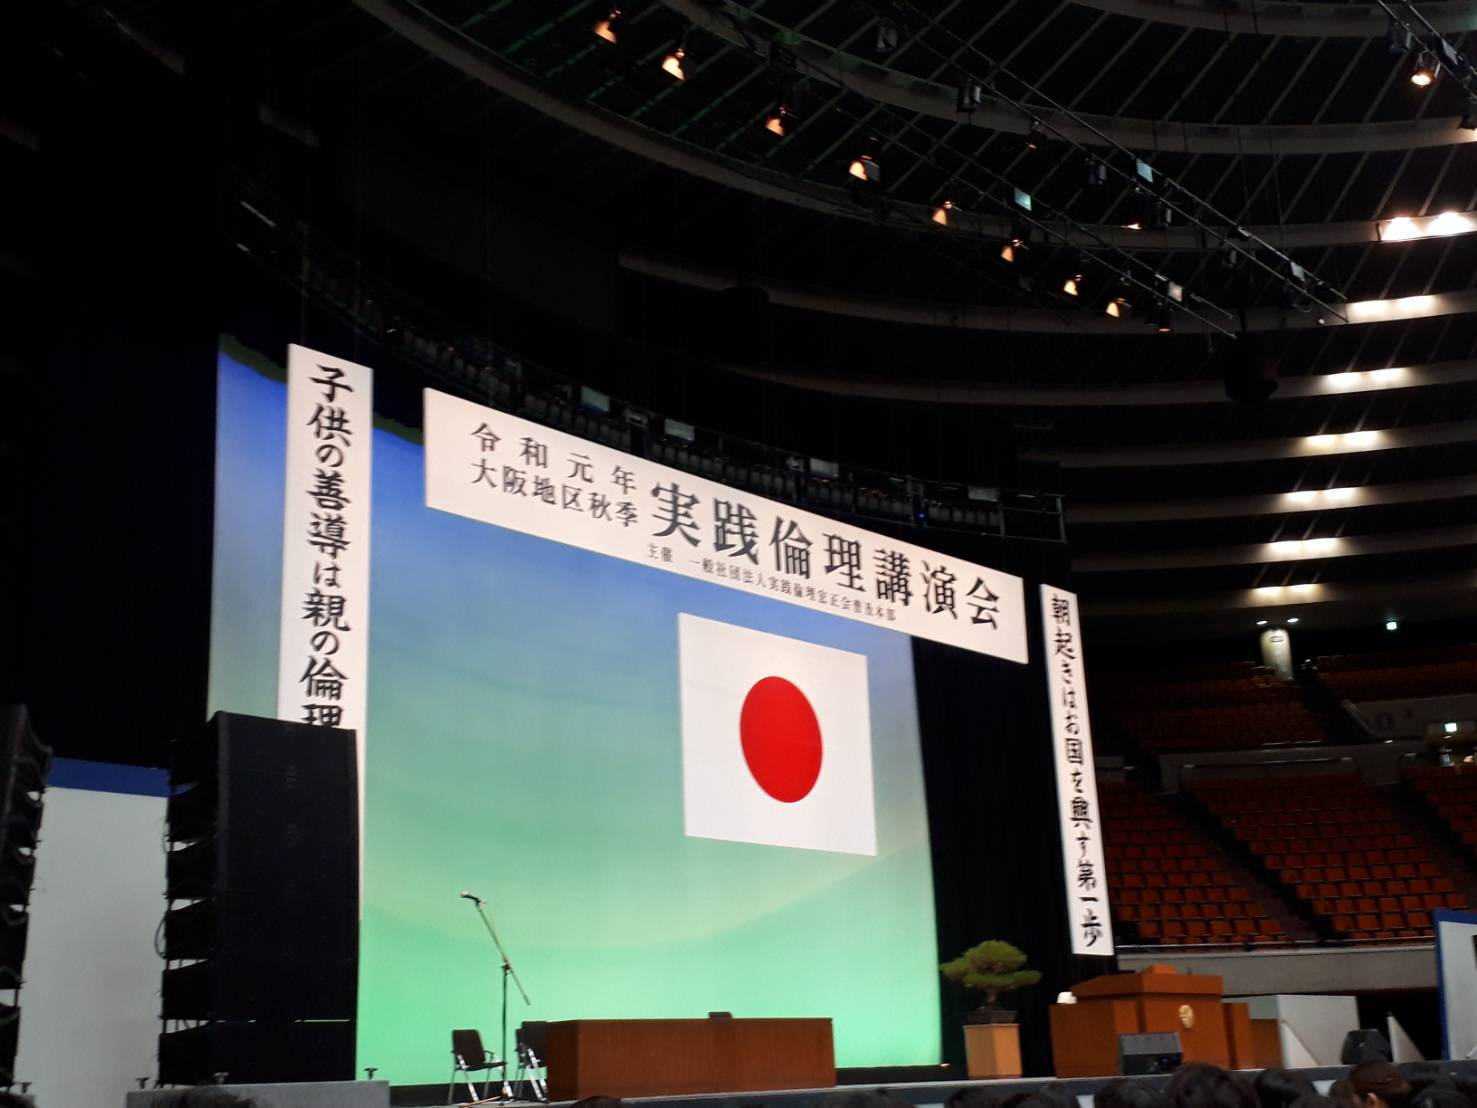 実践倫理・講演会@大阪城ホール